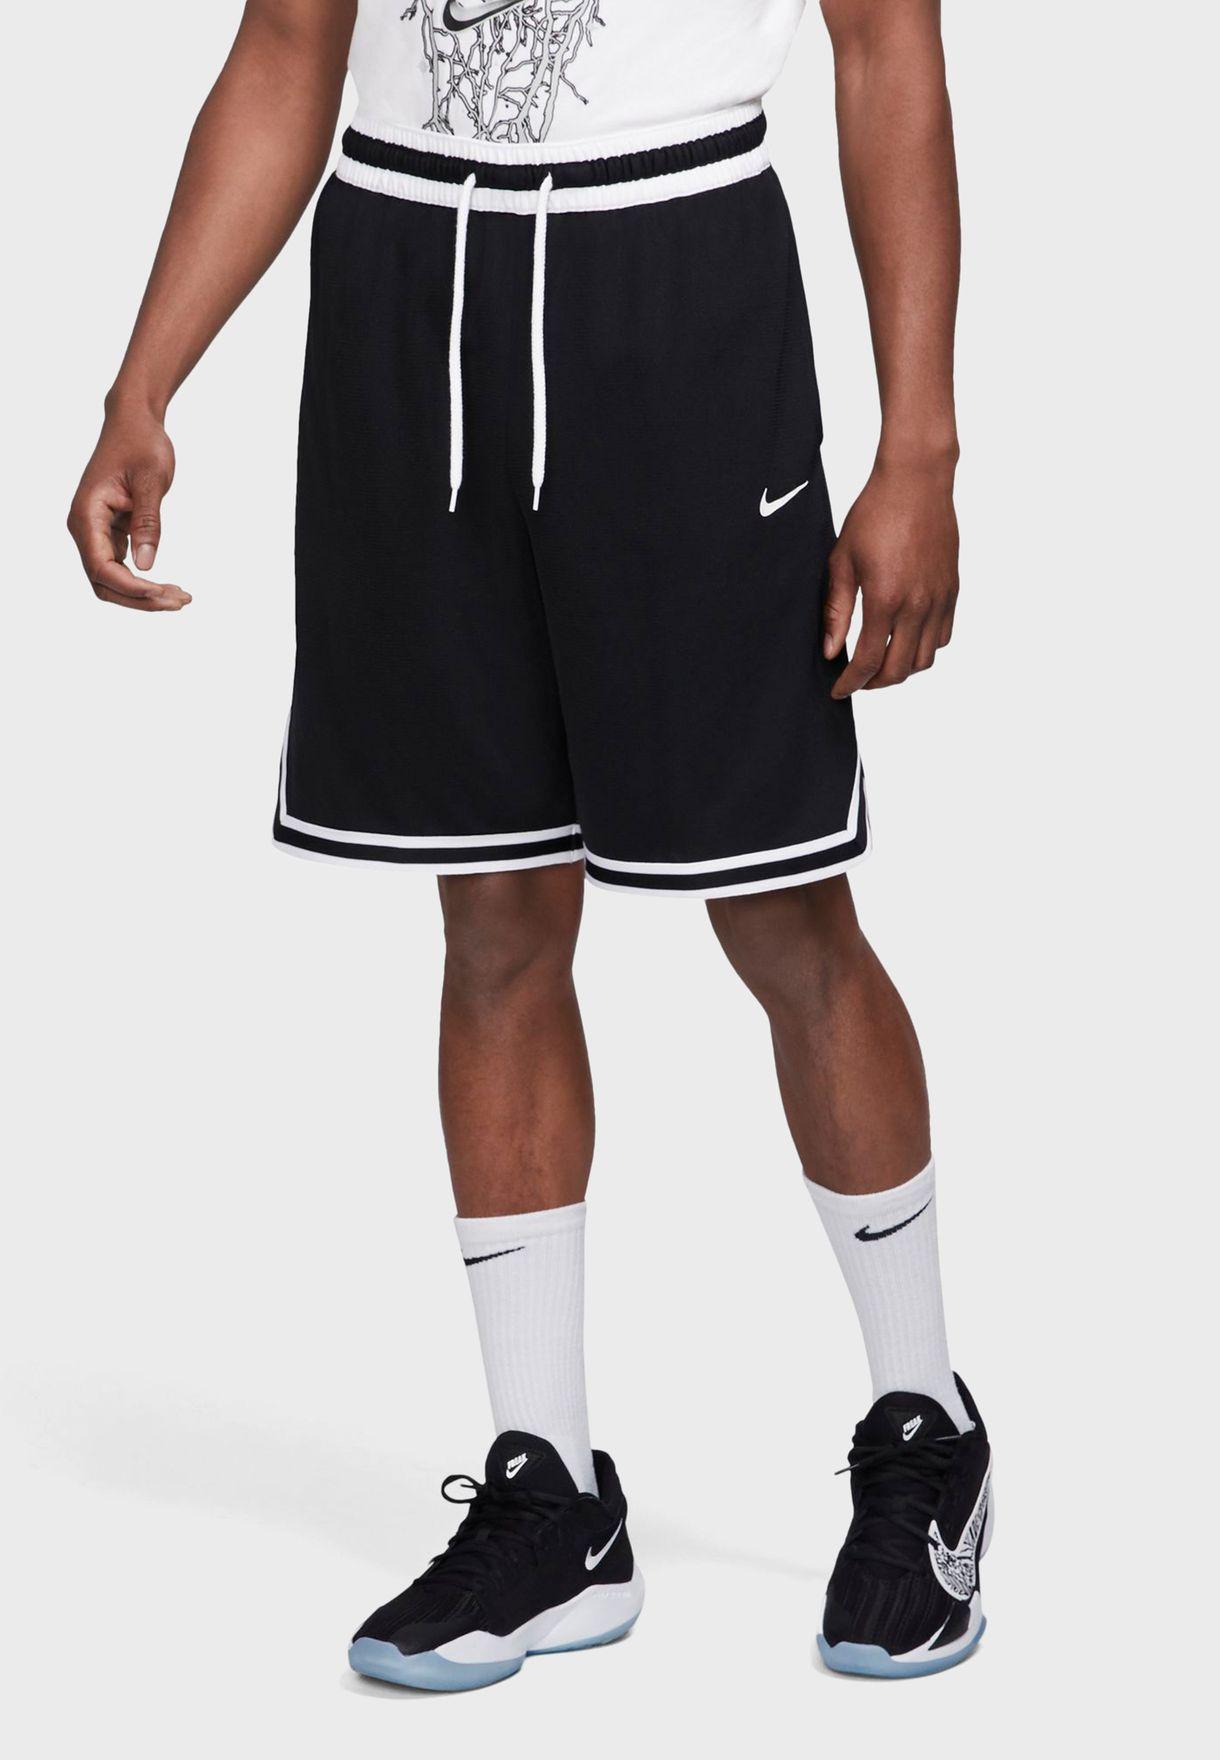 Dri-FIT DNA Shorts